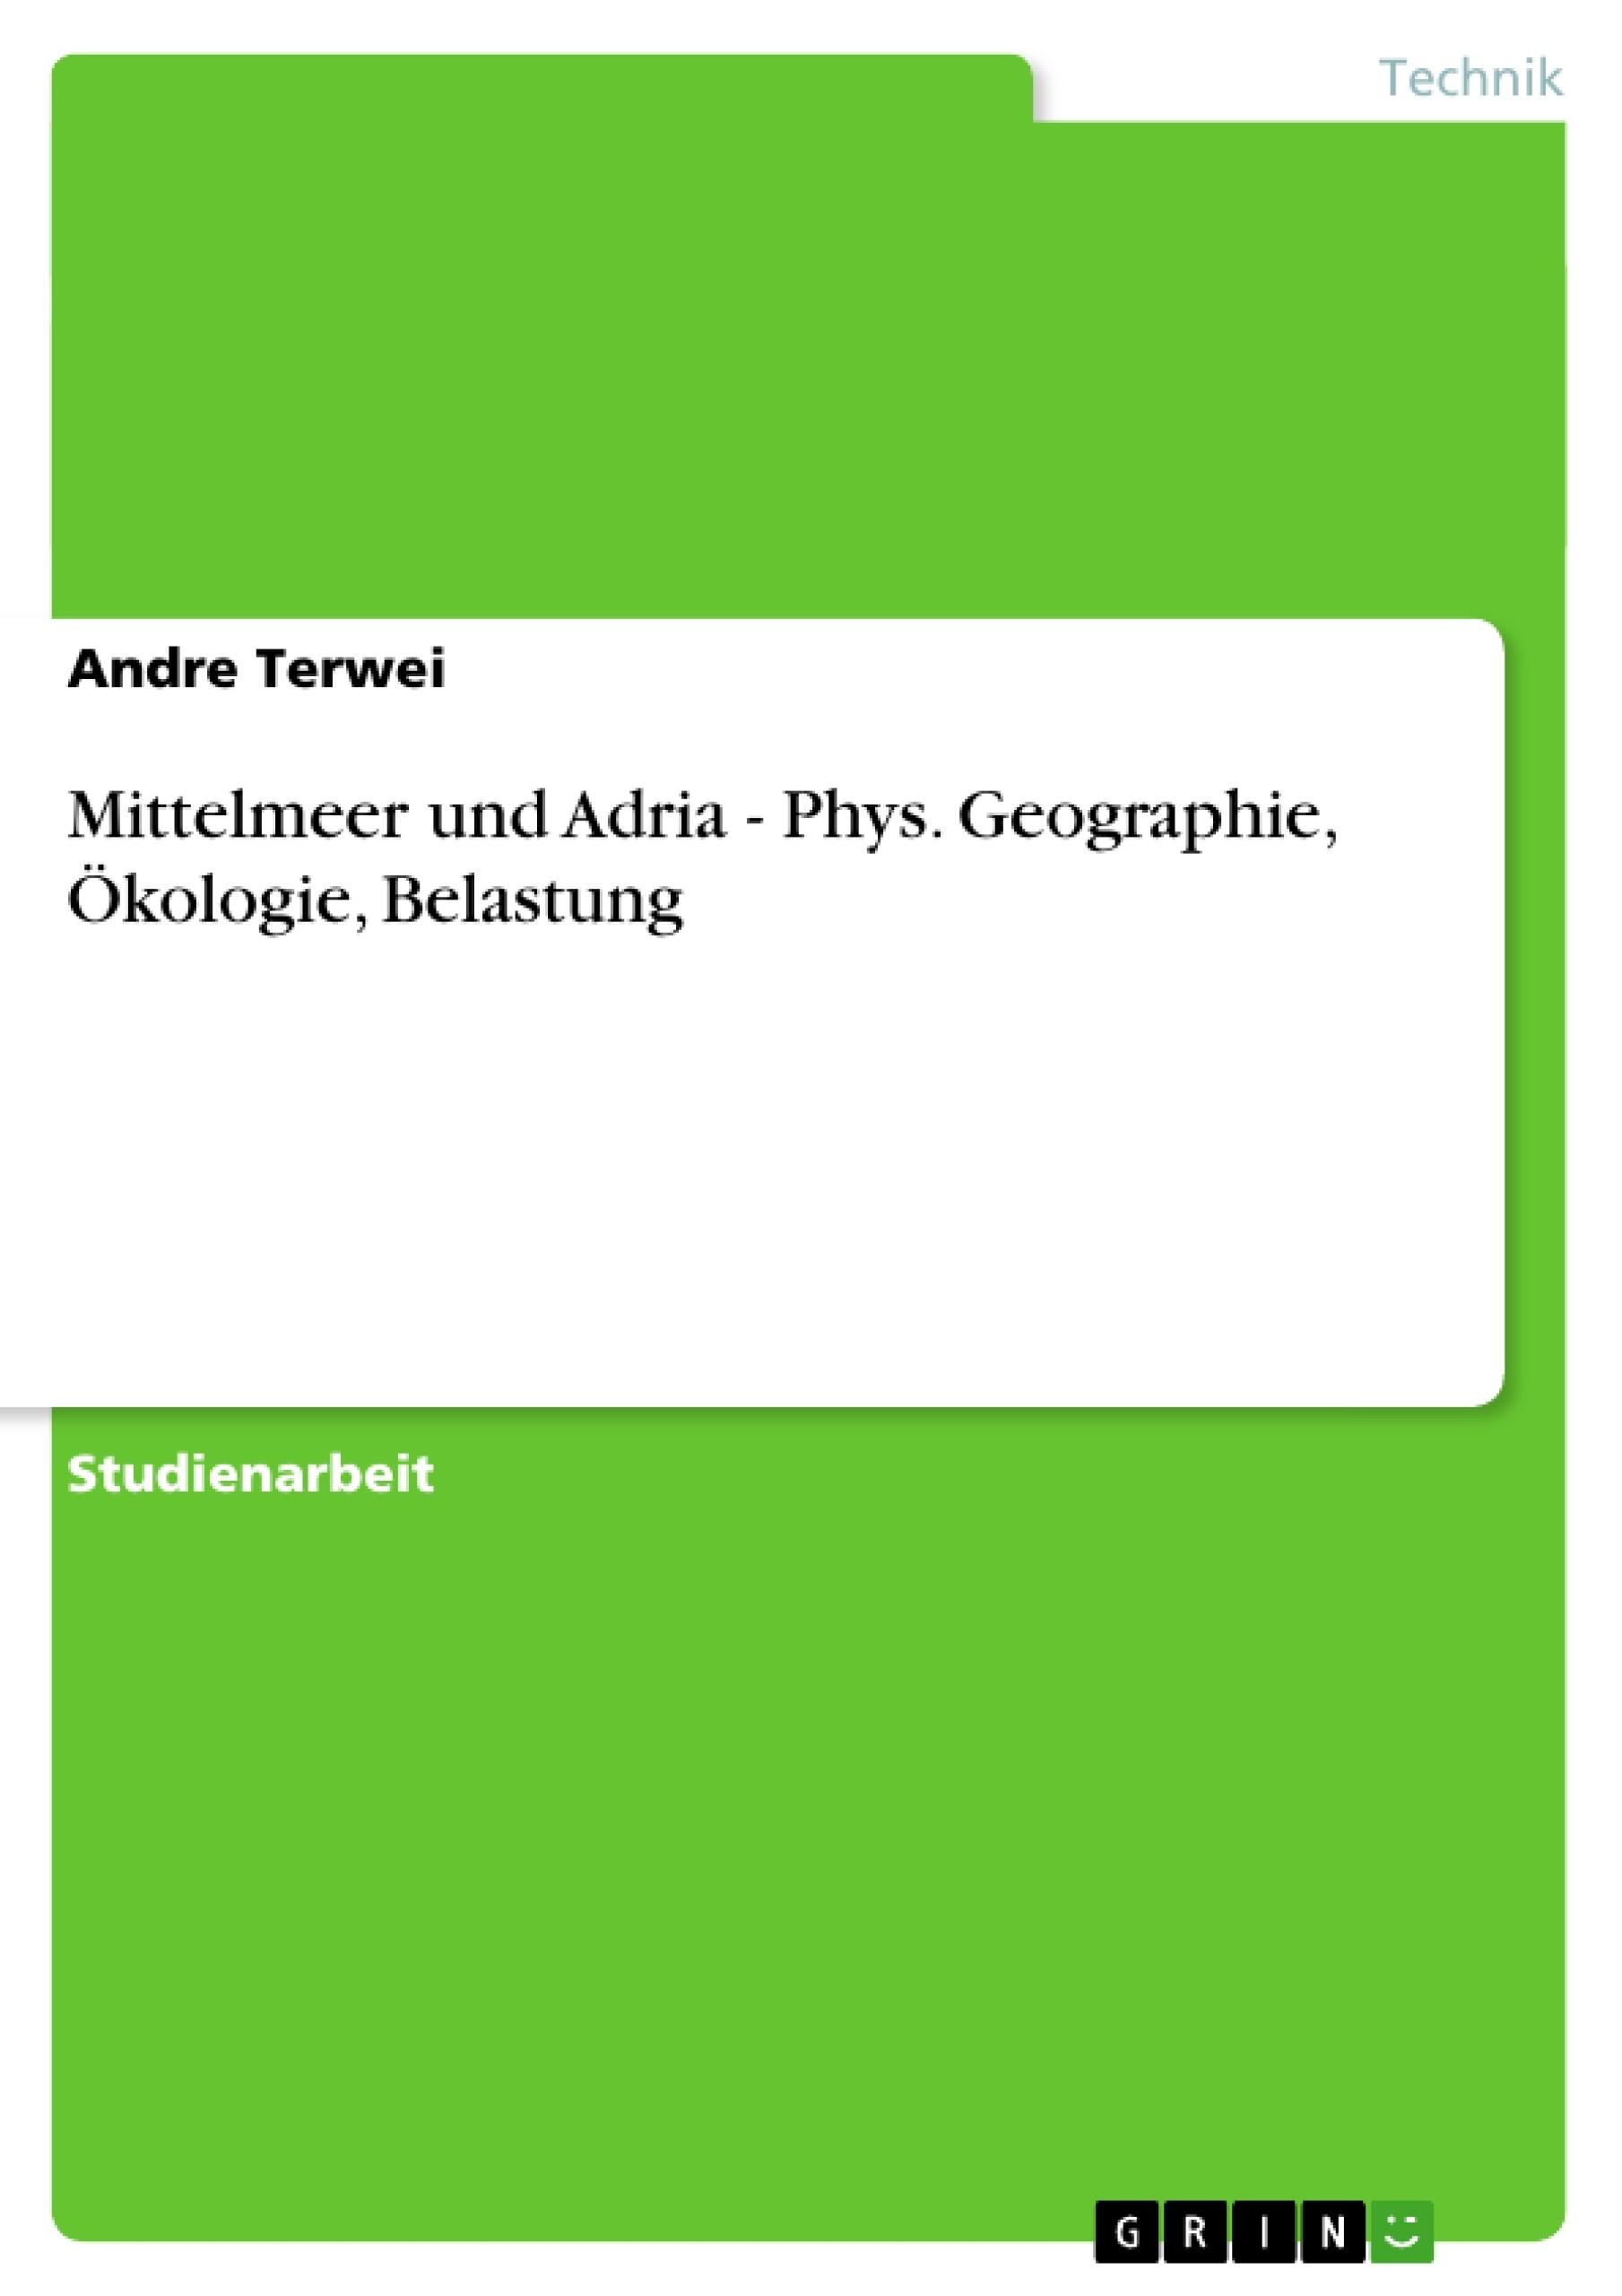 Titel: Mittelmeer und Adria - Phys. Geographie, Ökologie, Belastung